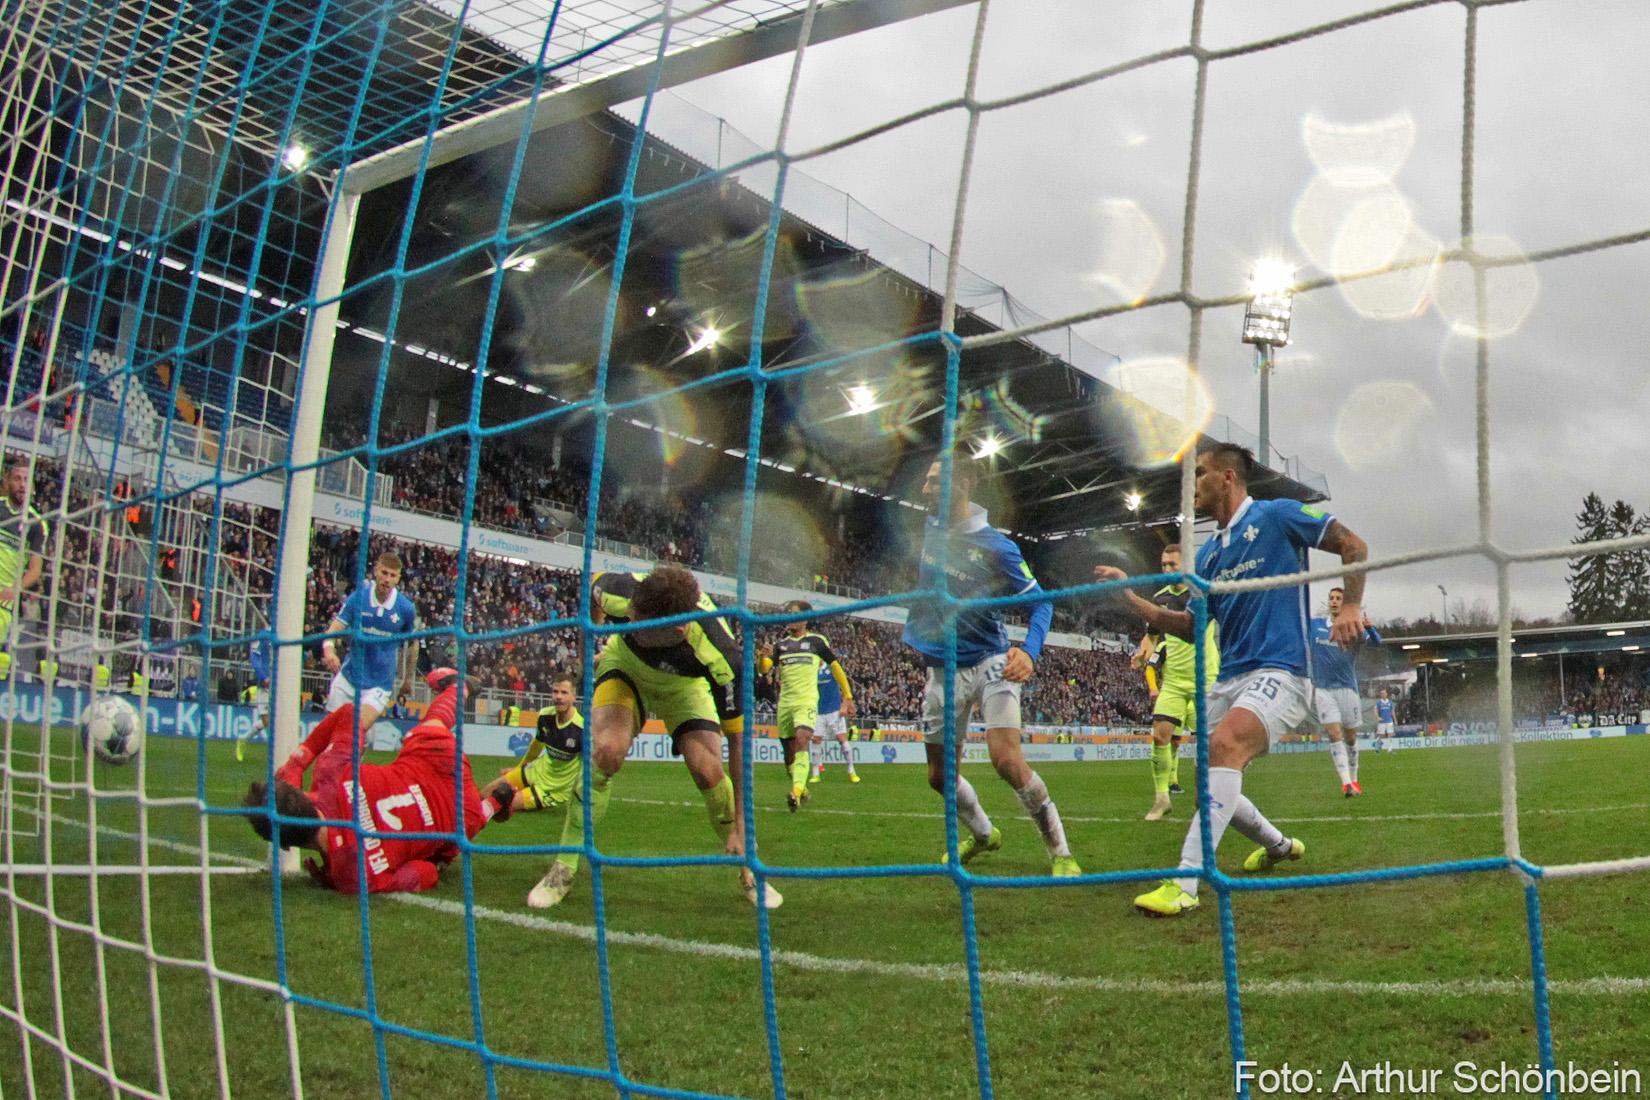 Impressionen vom Spiel gegen VfL Osnabrück